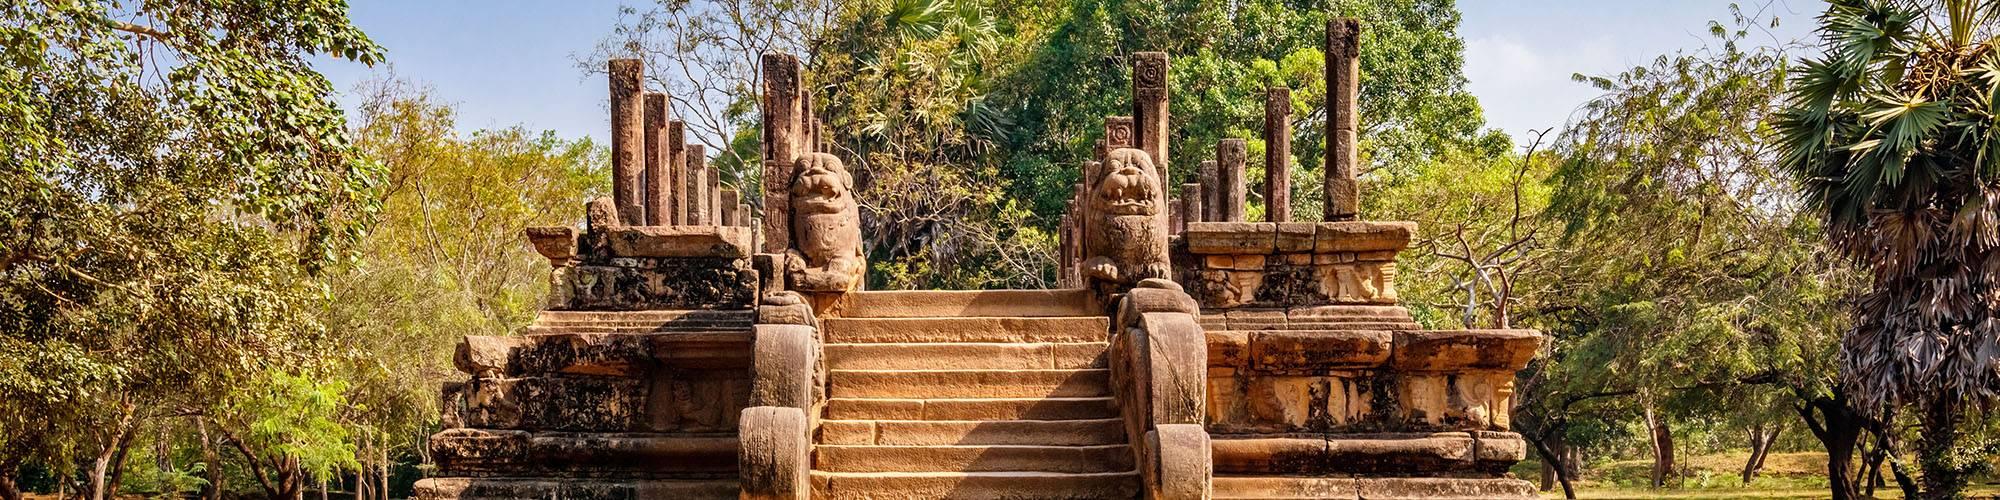 Circuits culturels au Sri Lanka